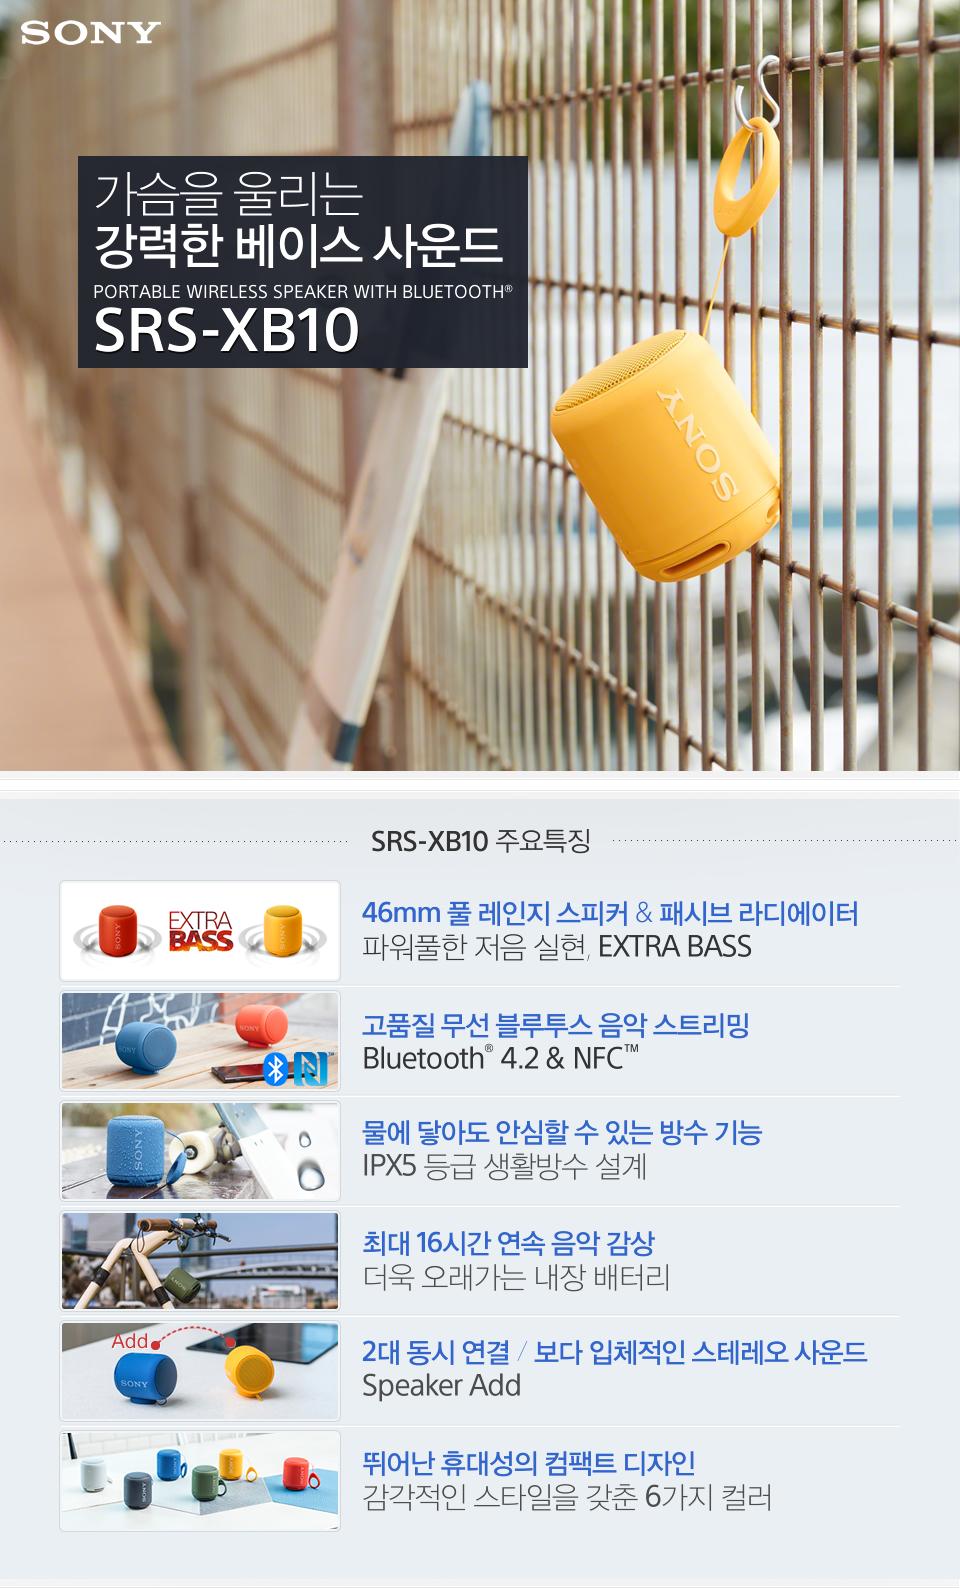 srsxb10_01_r1_c1.jpg